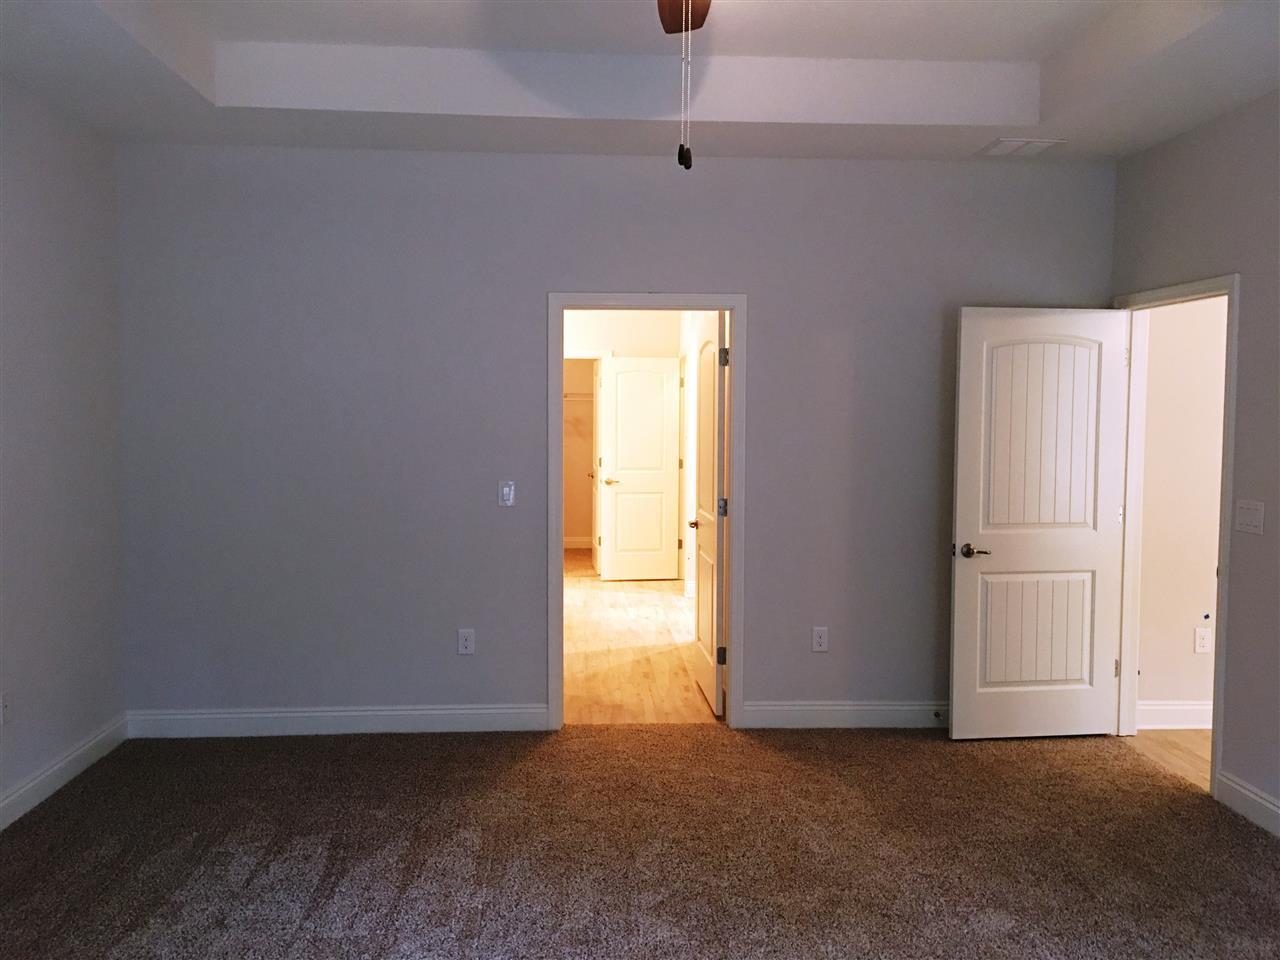 9273 Iron Gate Blvd, Milton, FL 32570